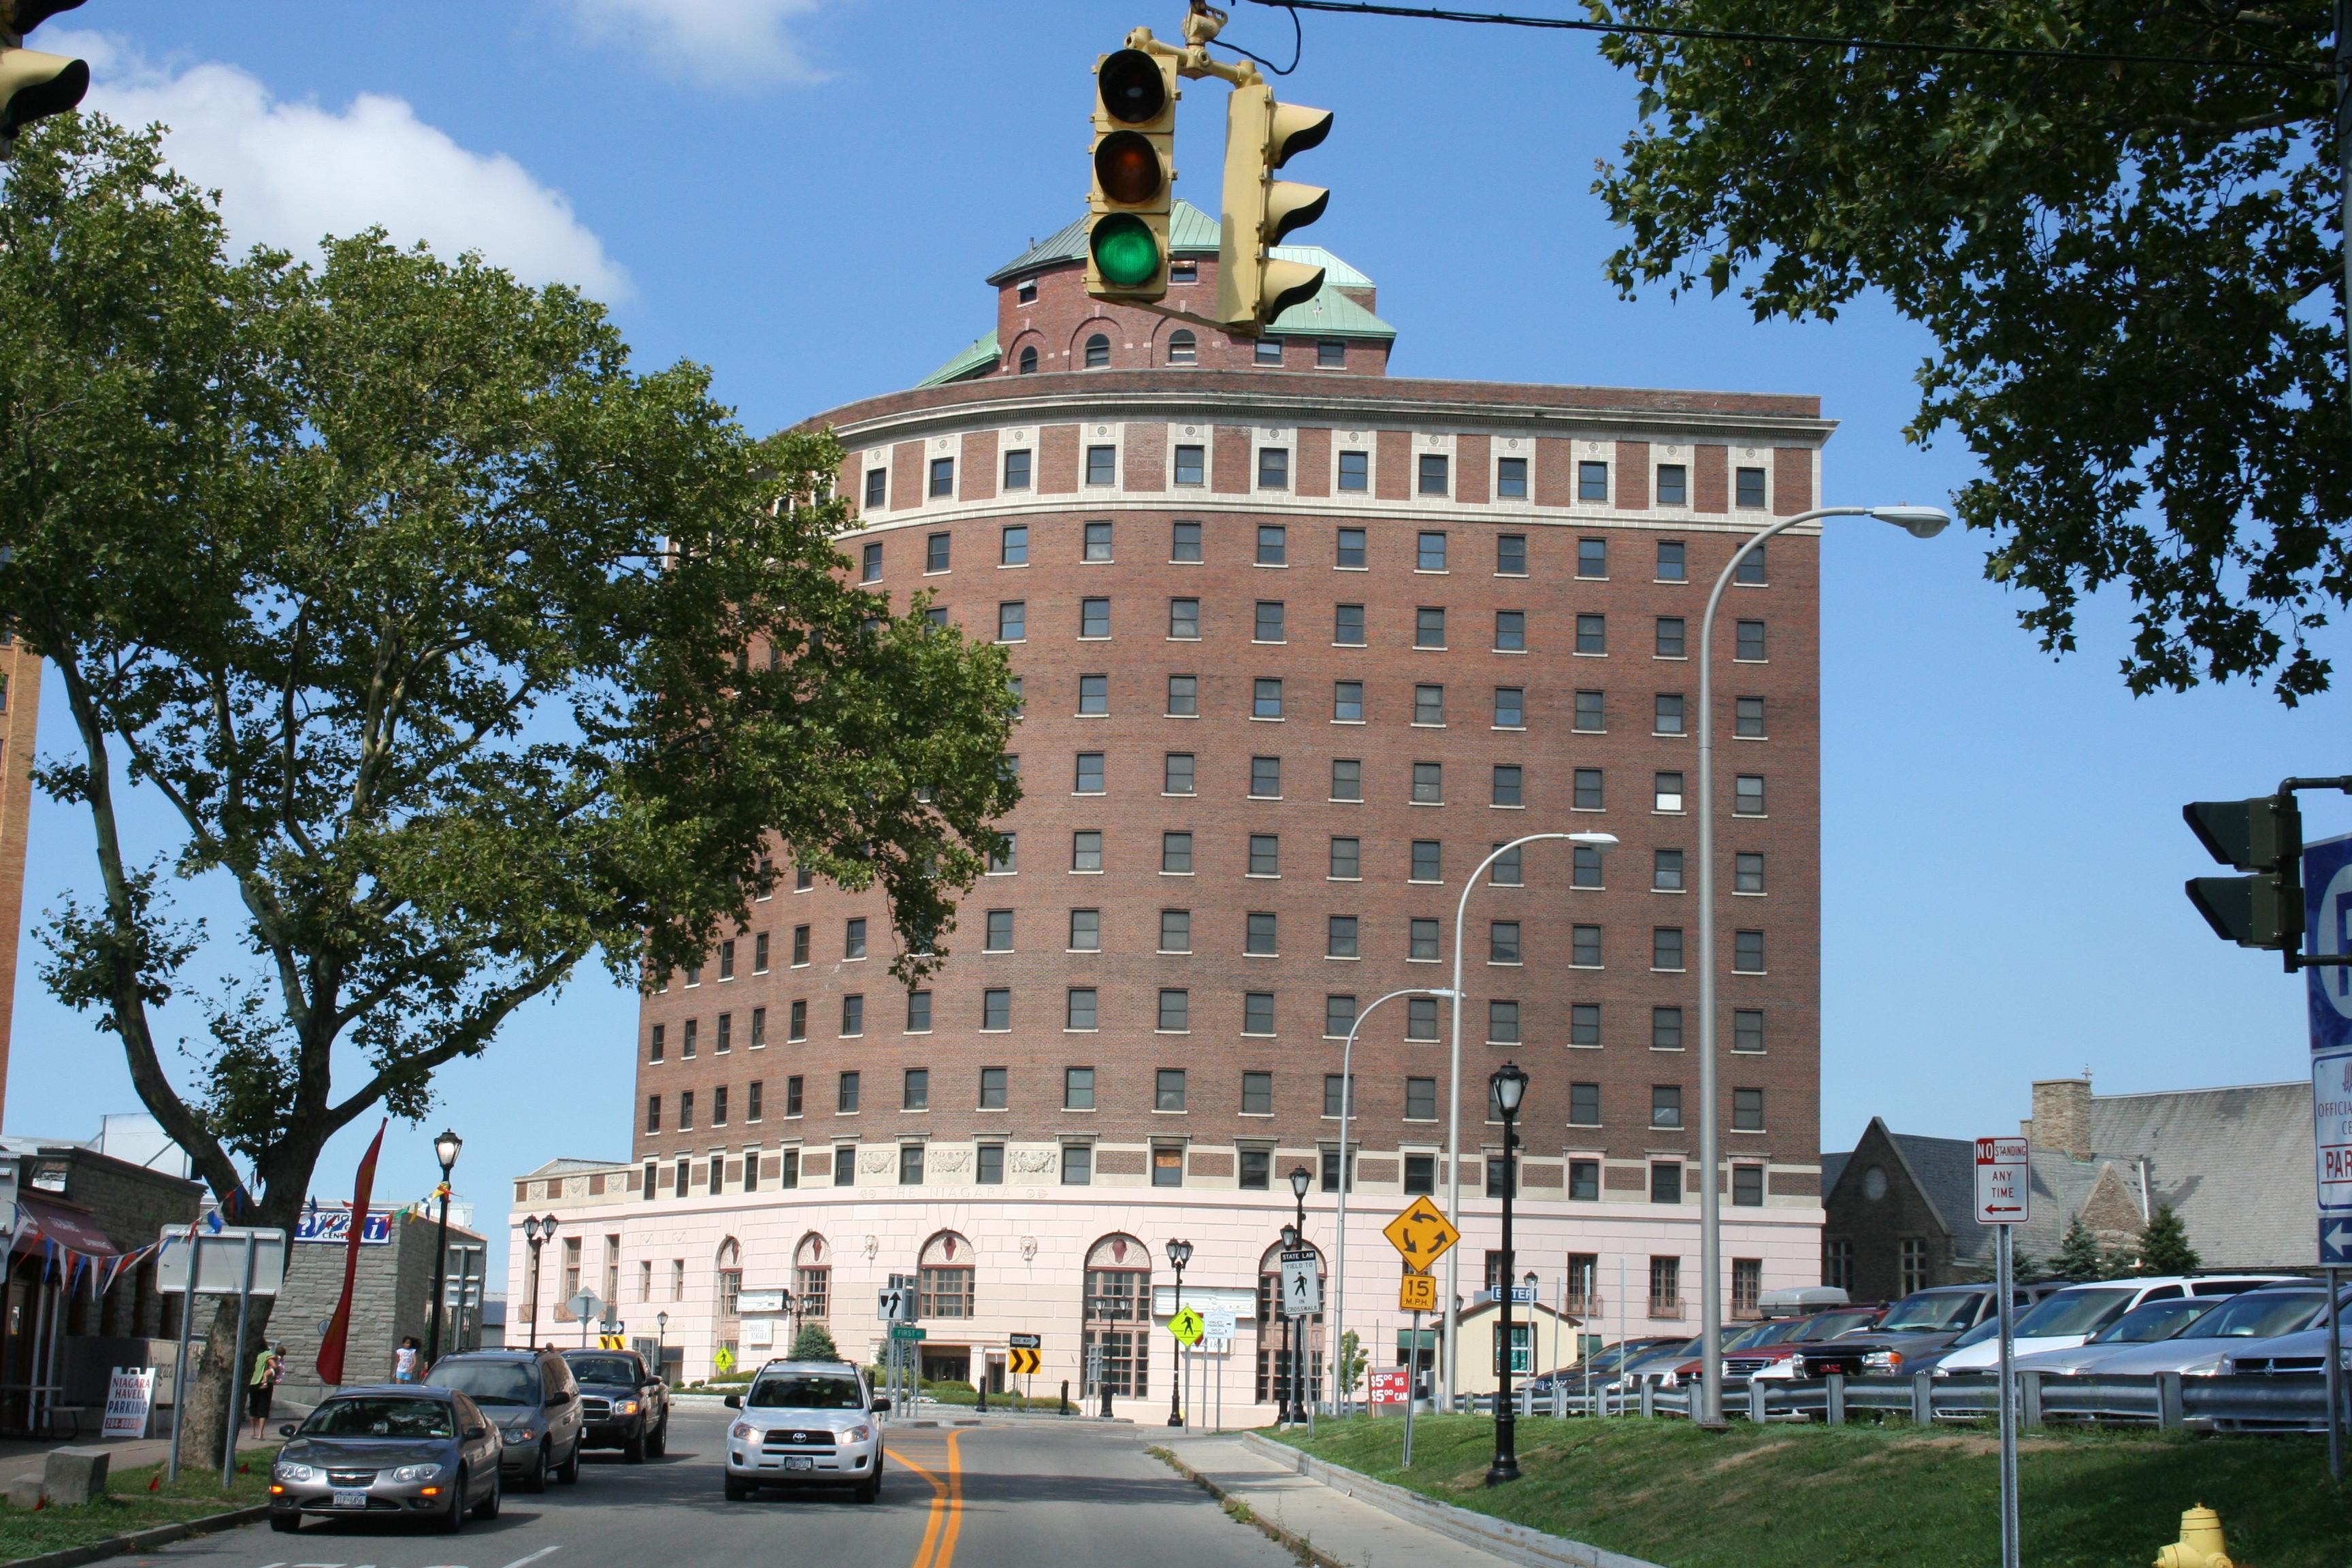 Hotel Niagara will go to Delaware North